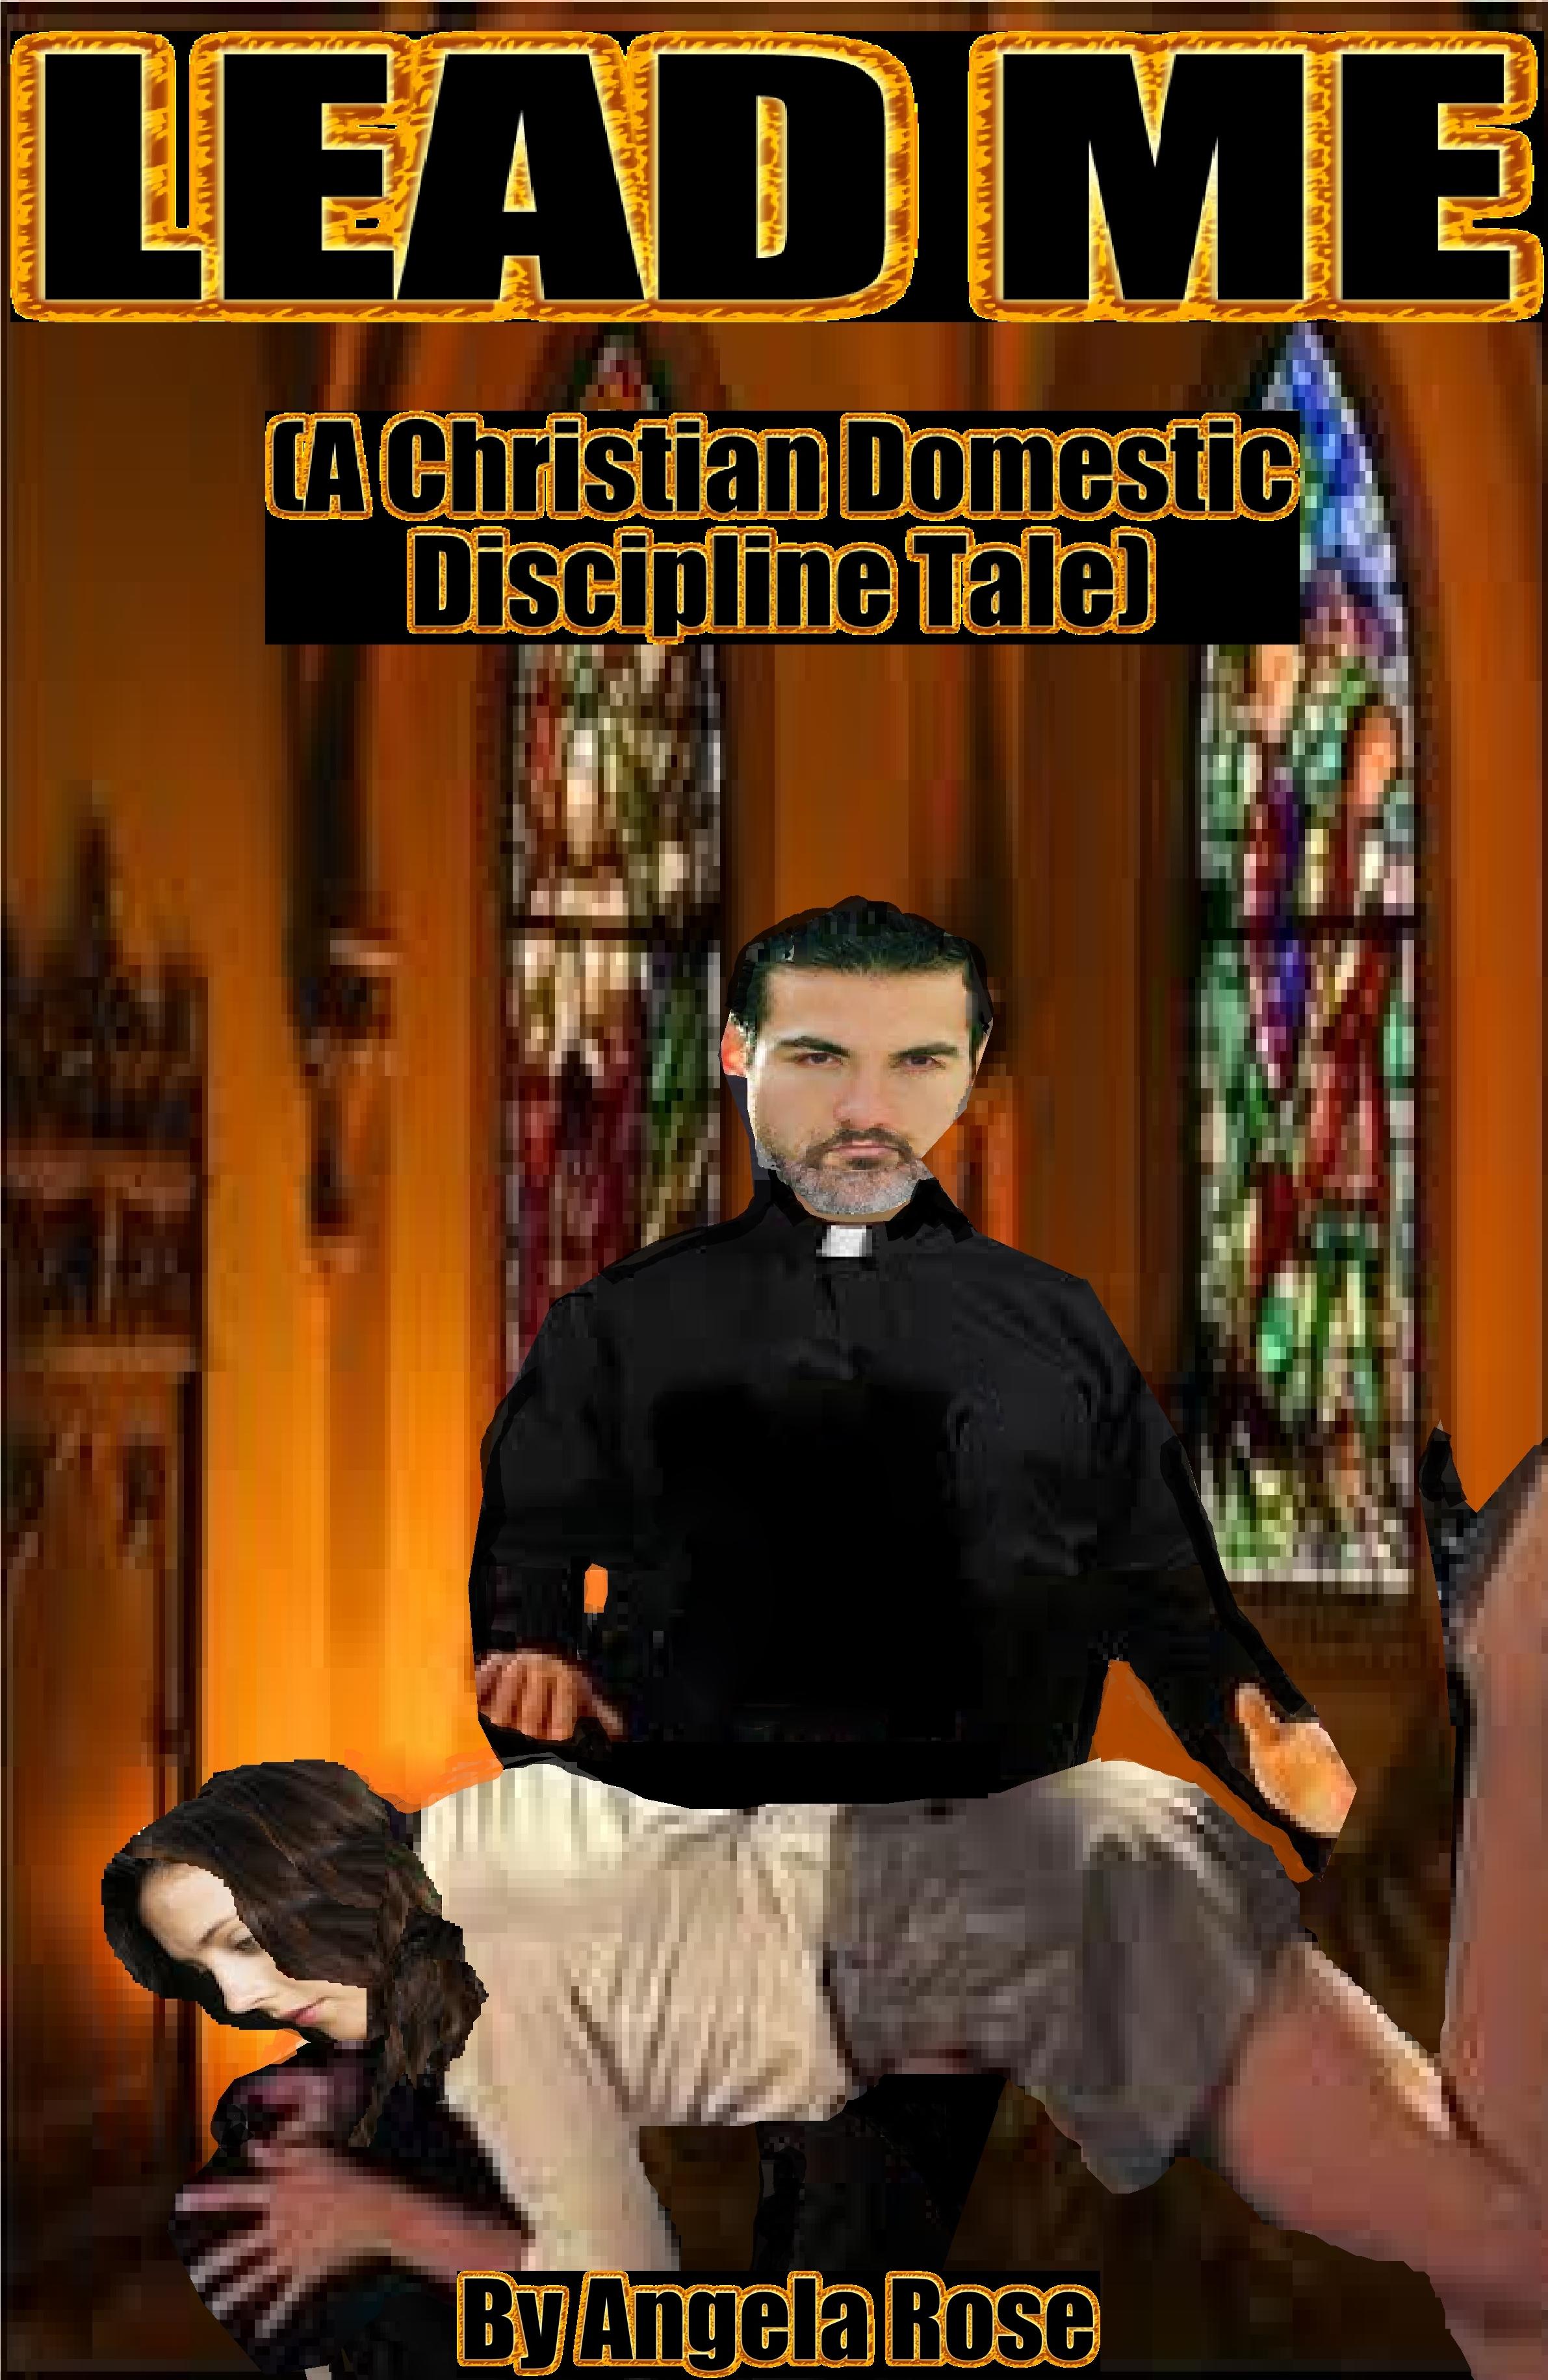 Christian domestic discipline